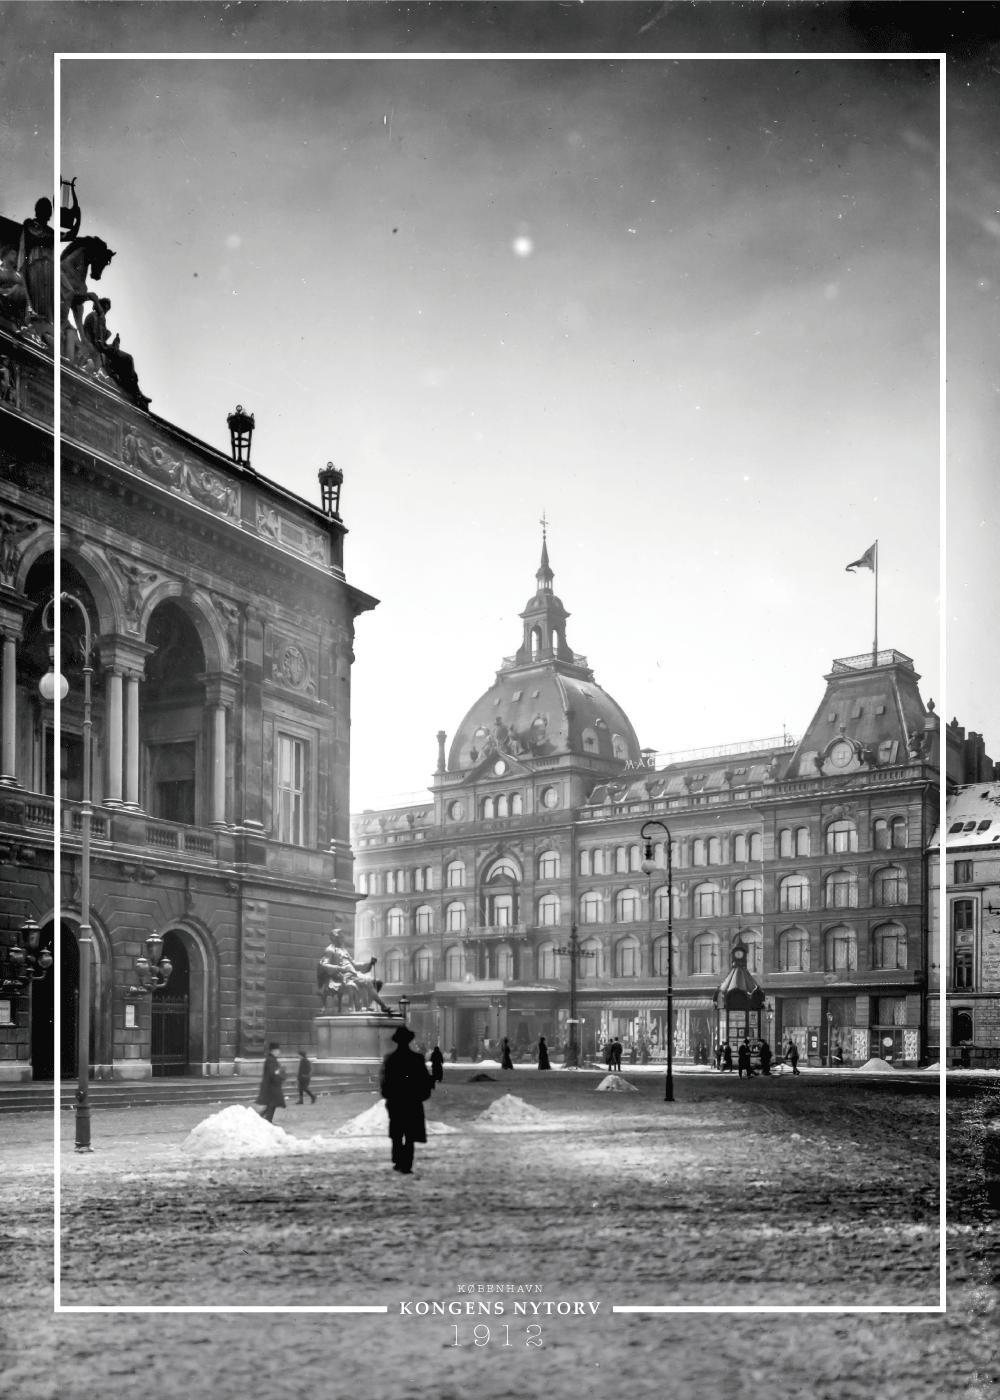 Køb Magasin & Teatret – Gamle billeder af København plakat